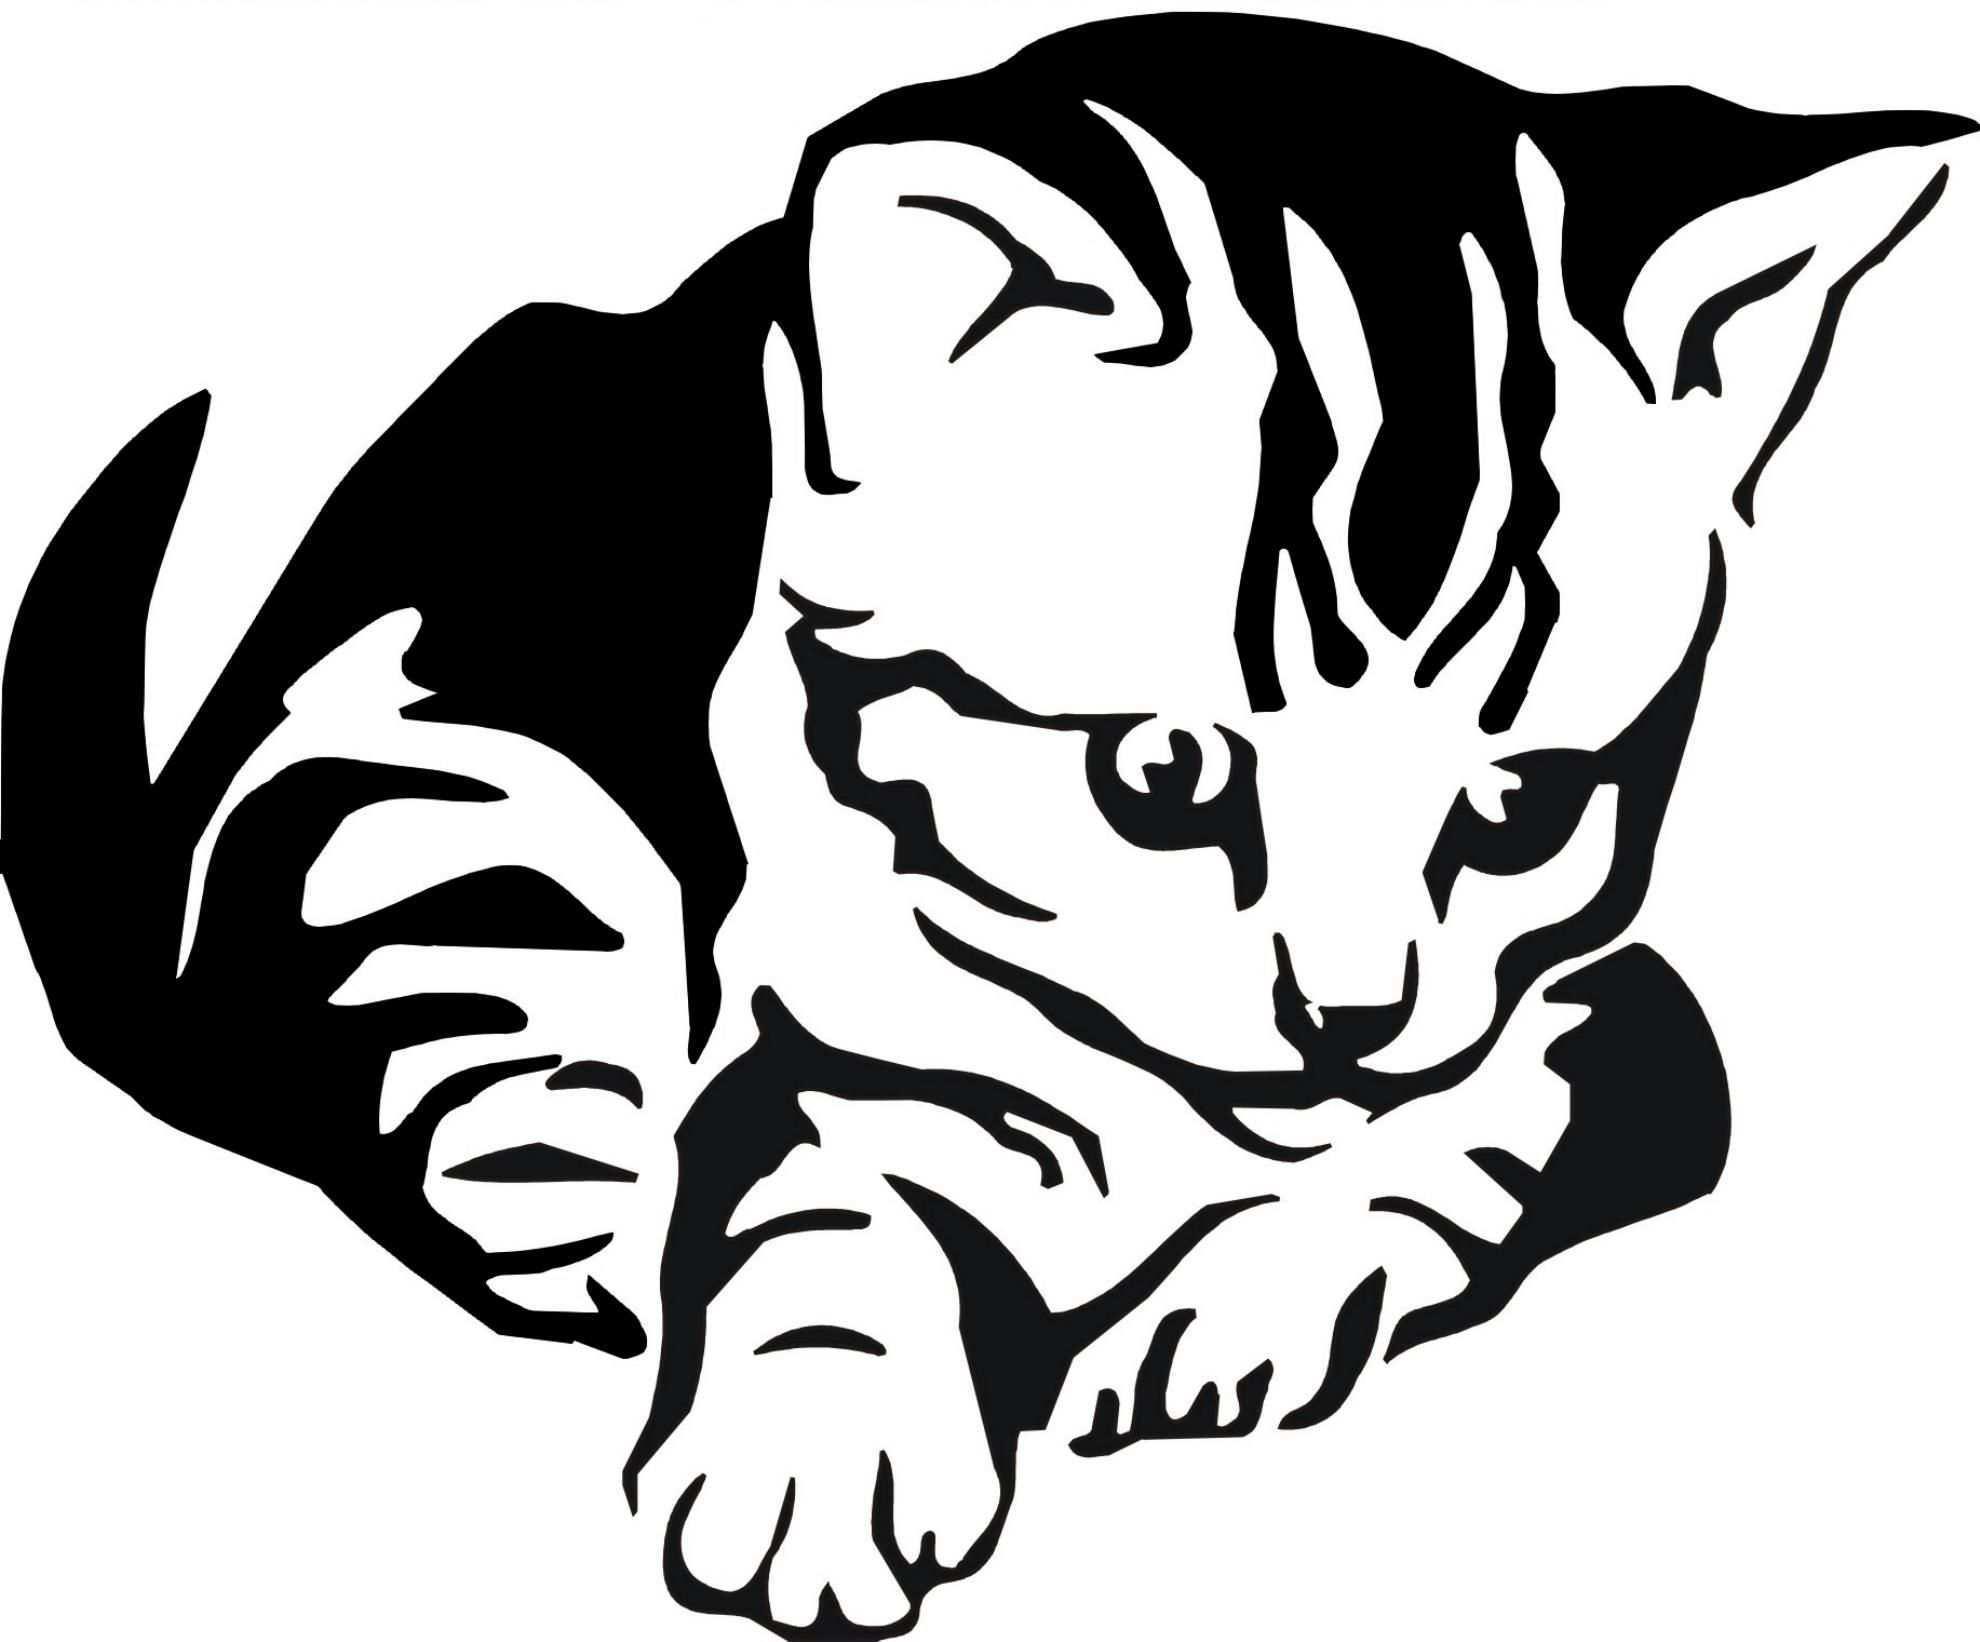 Http Www Kreativ Design Online De Shop Images A5 005 20katze 201 Jpg Katzen Silhouette Tiere Malen Katzenzeichnung